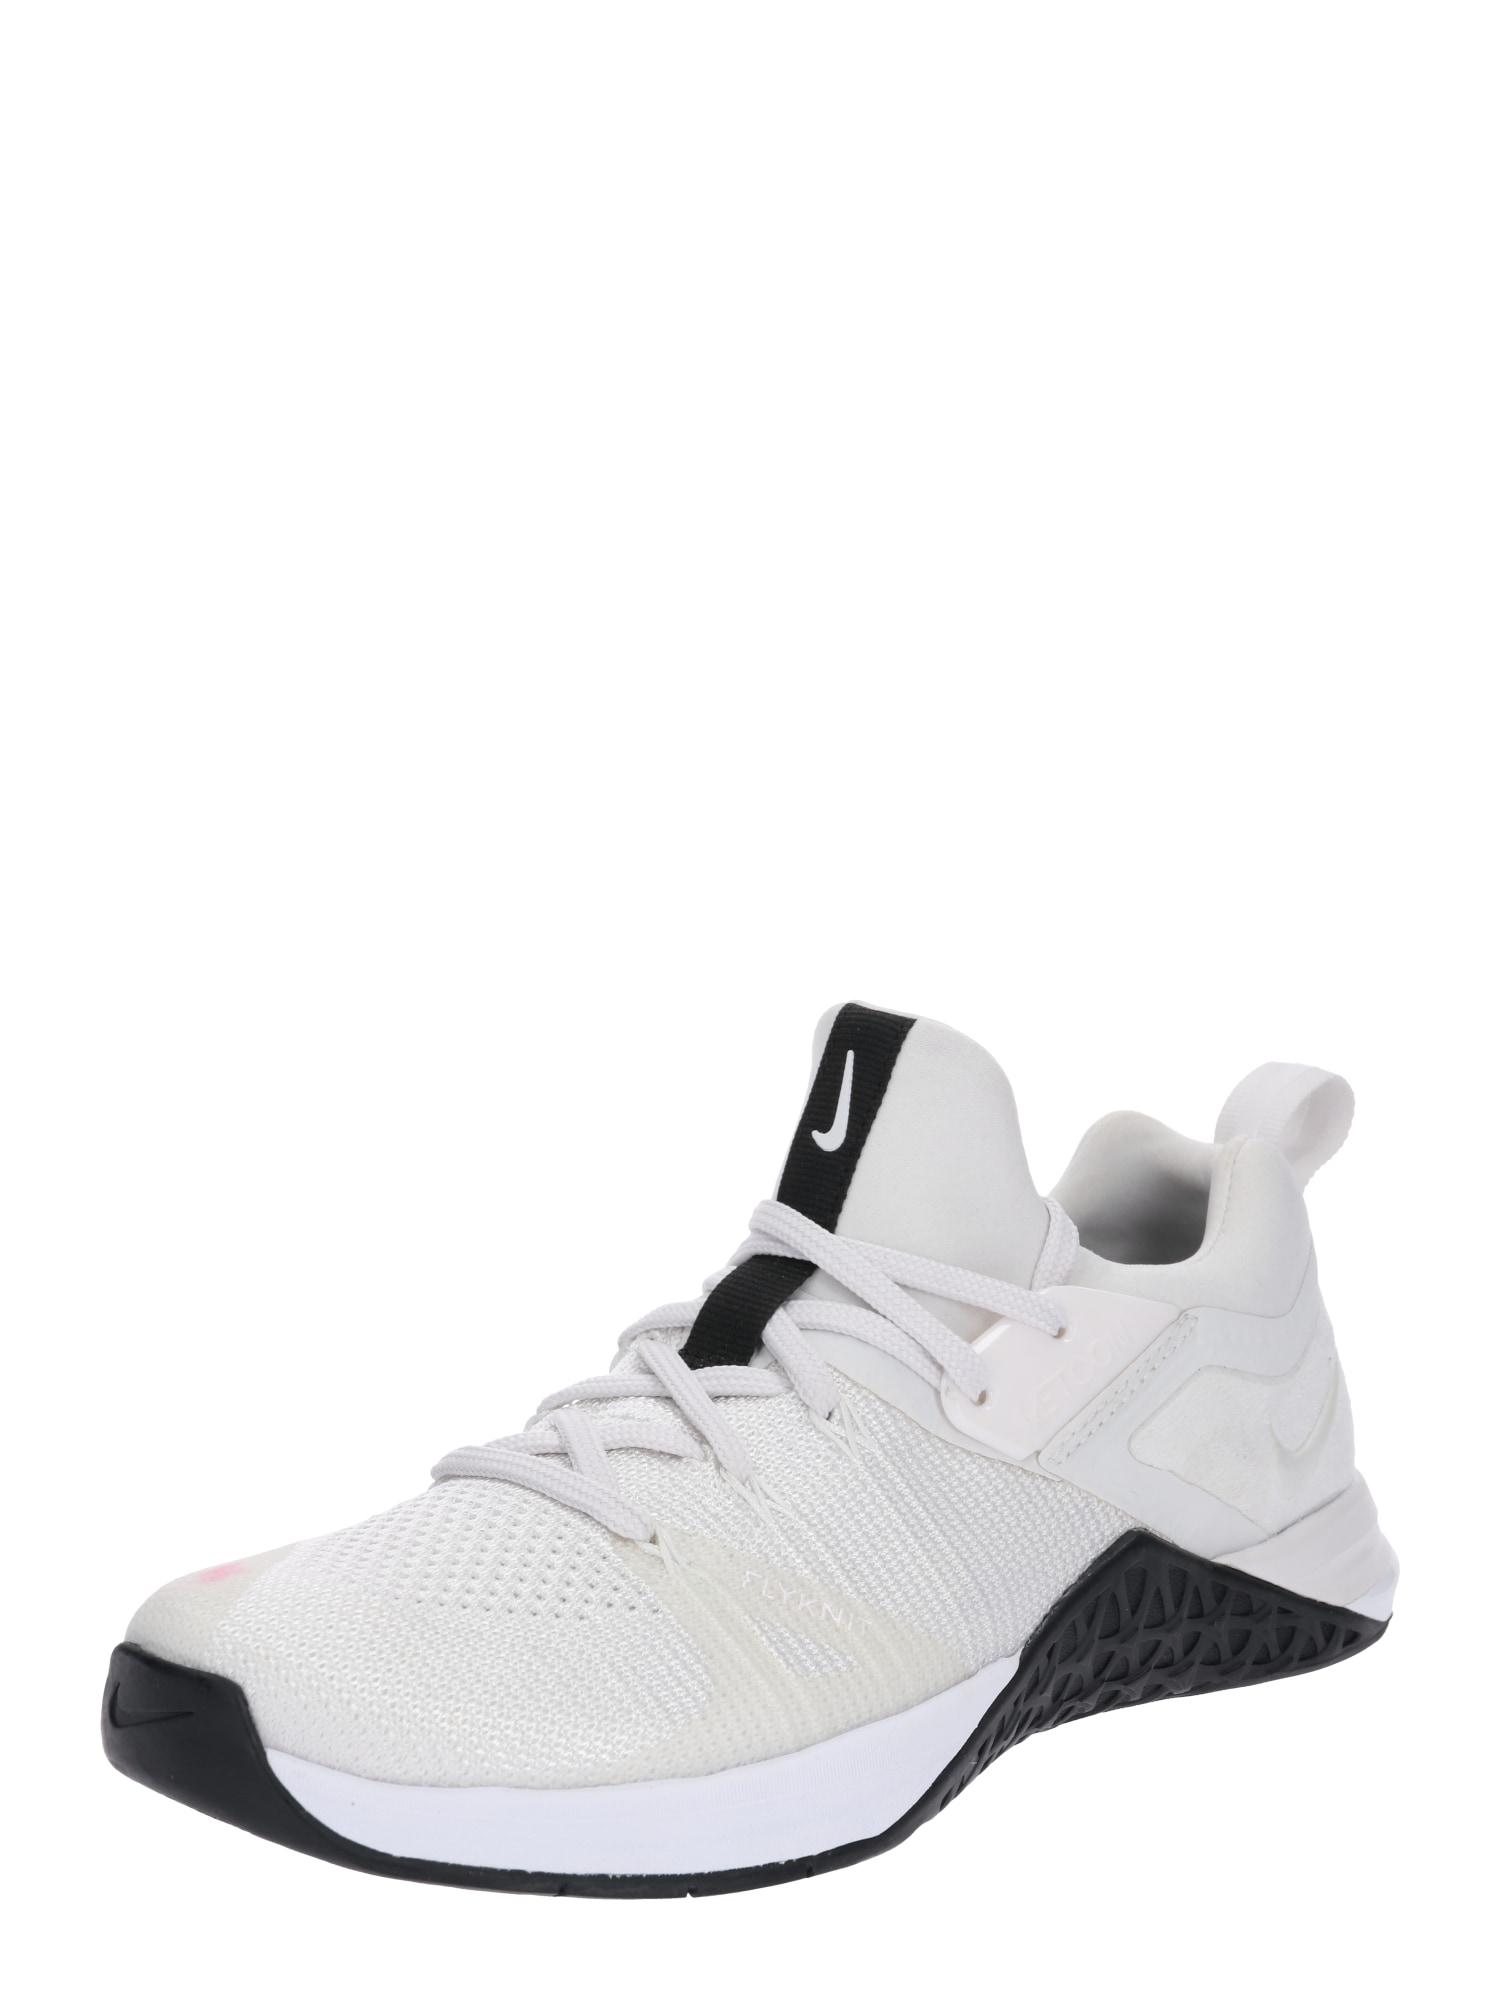 Sportovní boty Metcon Flyknit 3 bílá NIKE